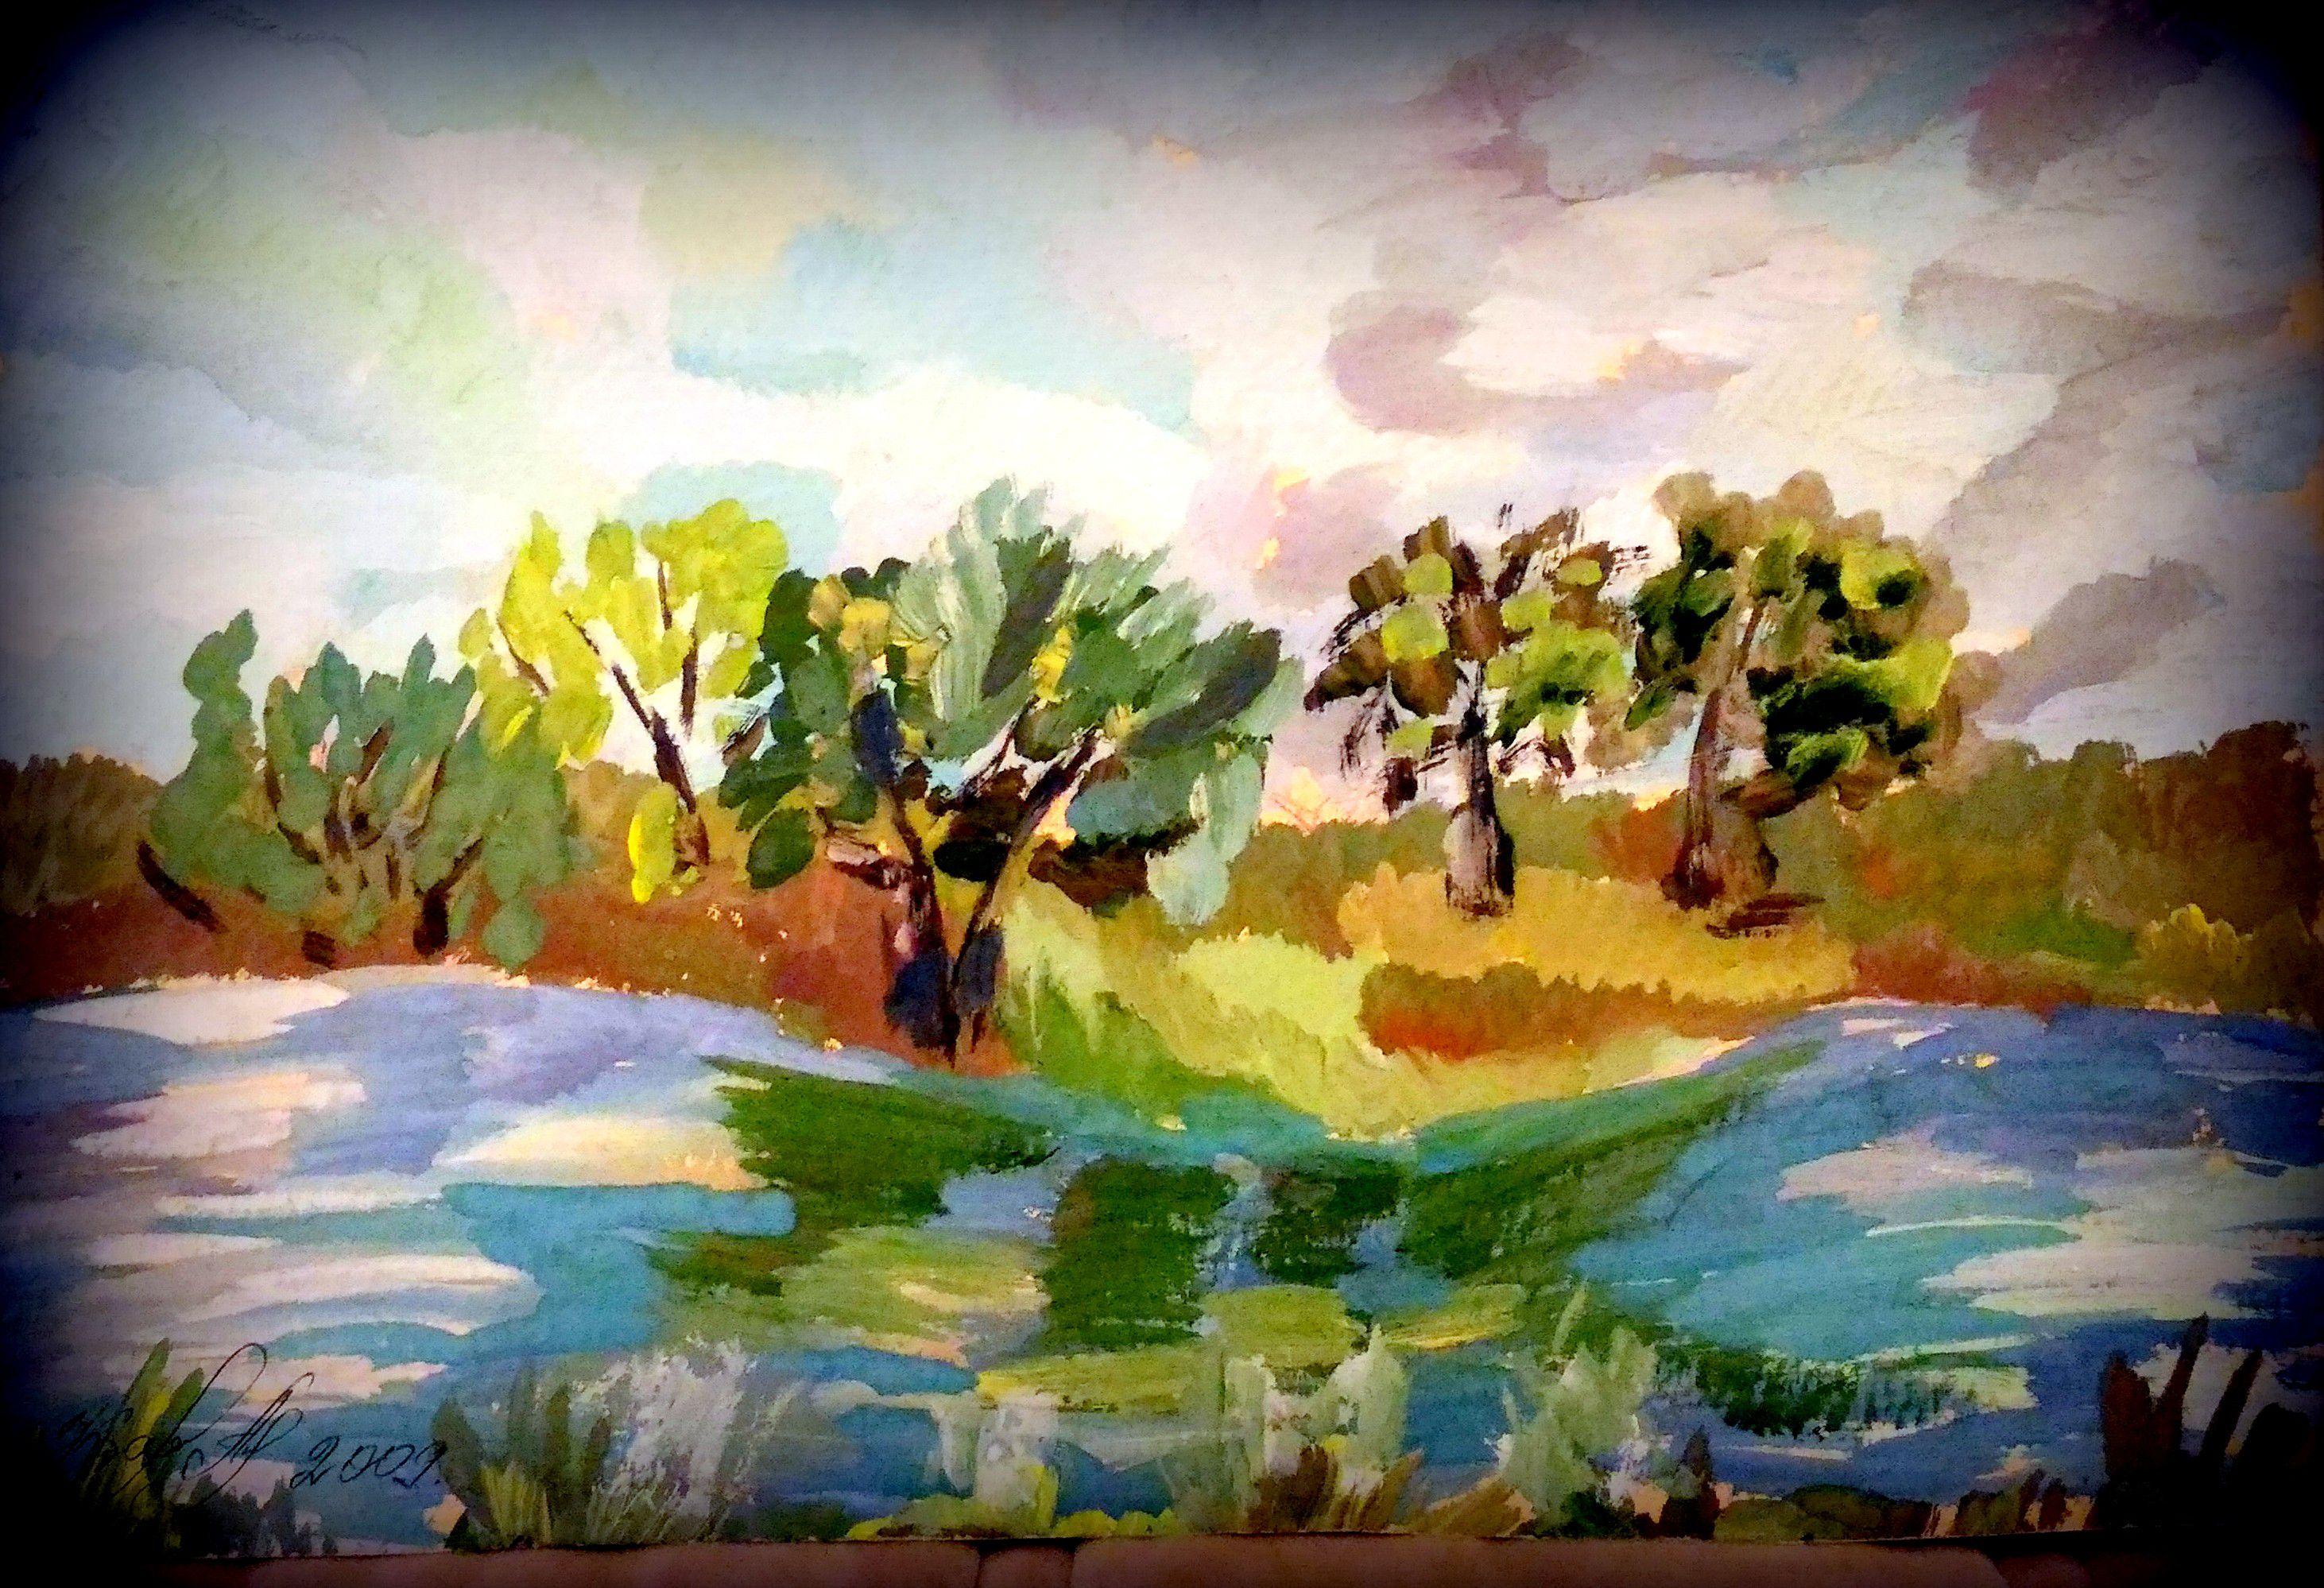 современная пейзаж городской живопись гуашь живописьрека город импрессионизм картина